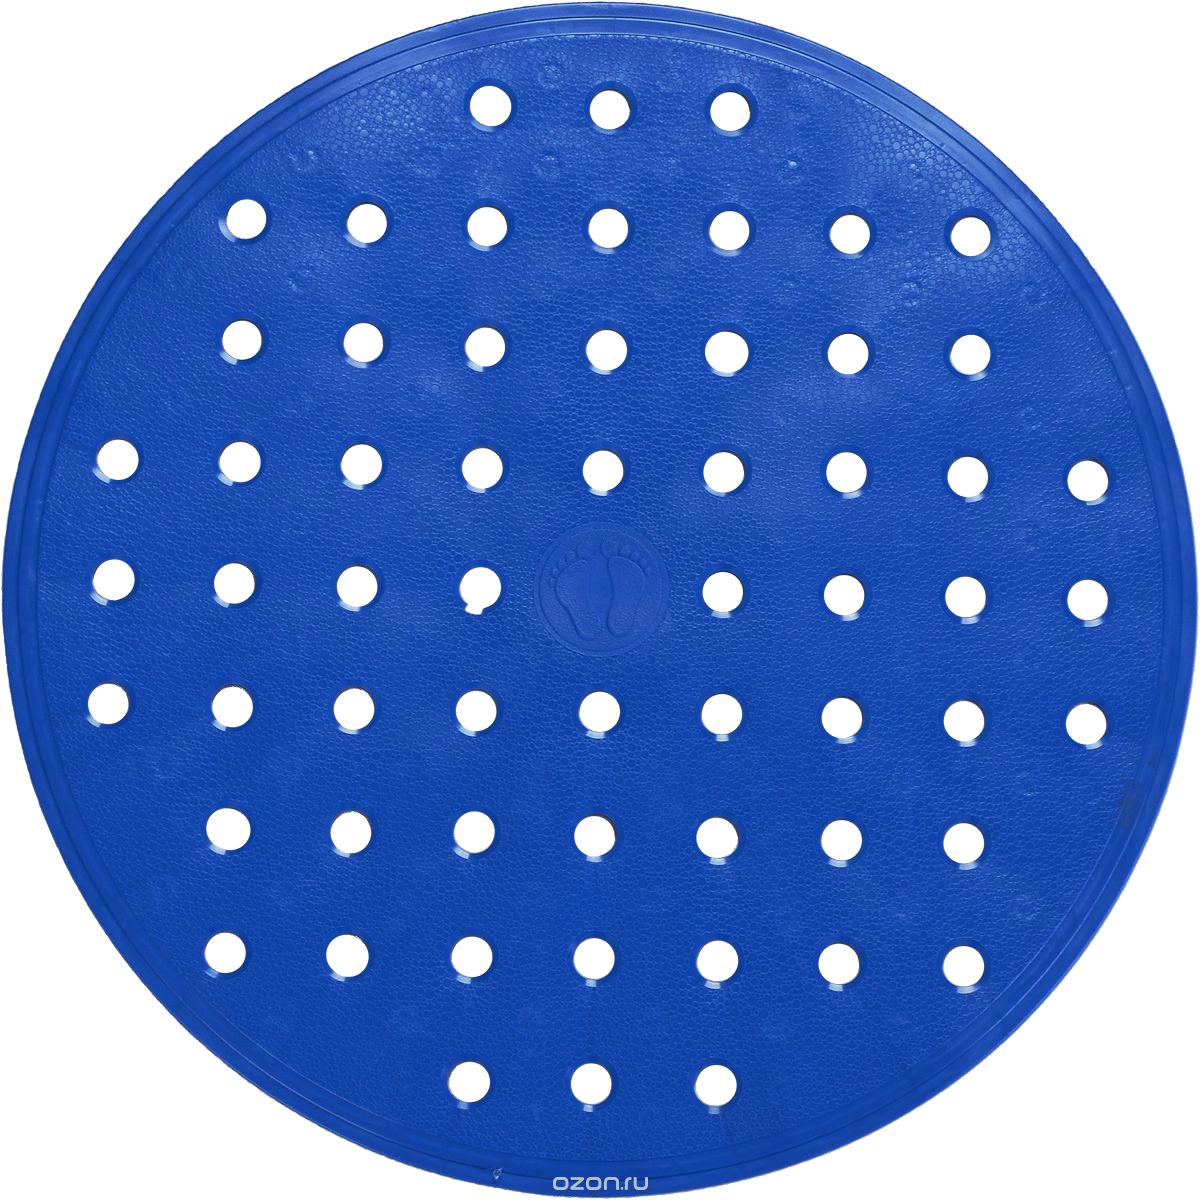 Коврик для ванной Ridder Action, противоскользящий, цвет: голубой, диаметр 53 см167213Коврик для ванной Ridder Action, изготовленный из каучука с защитой от плесени и грибка, создает комфортное антискользящее покрытие в ванне. Крепится к поверхности при помощи присосок. Изделие удобно в использовании и легко моется теплой водой. Диаметр: 53 см.